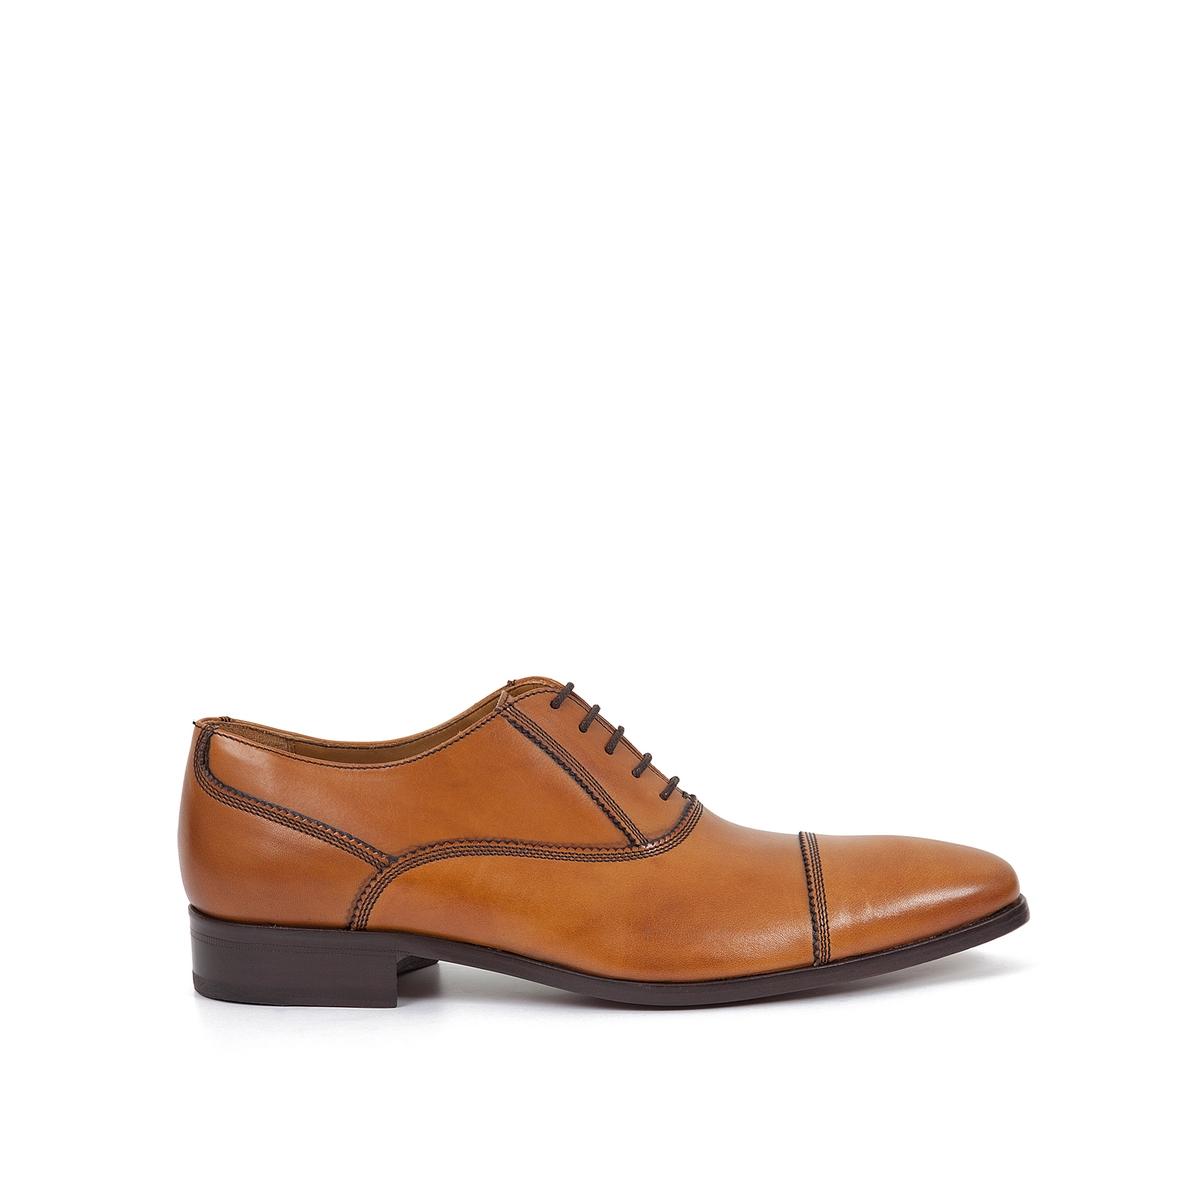 Ботинки-оксфорды кожаные ElopheВерх : кожа         Подкладка : кожа         Стелька : кожа         Подошва : кожа         Высота каблука : 1 см         Форма каблука : плоский каблук         Мысок : закругленный мысок         Застежка : шнуровка<br><br>Цвет: коньячный